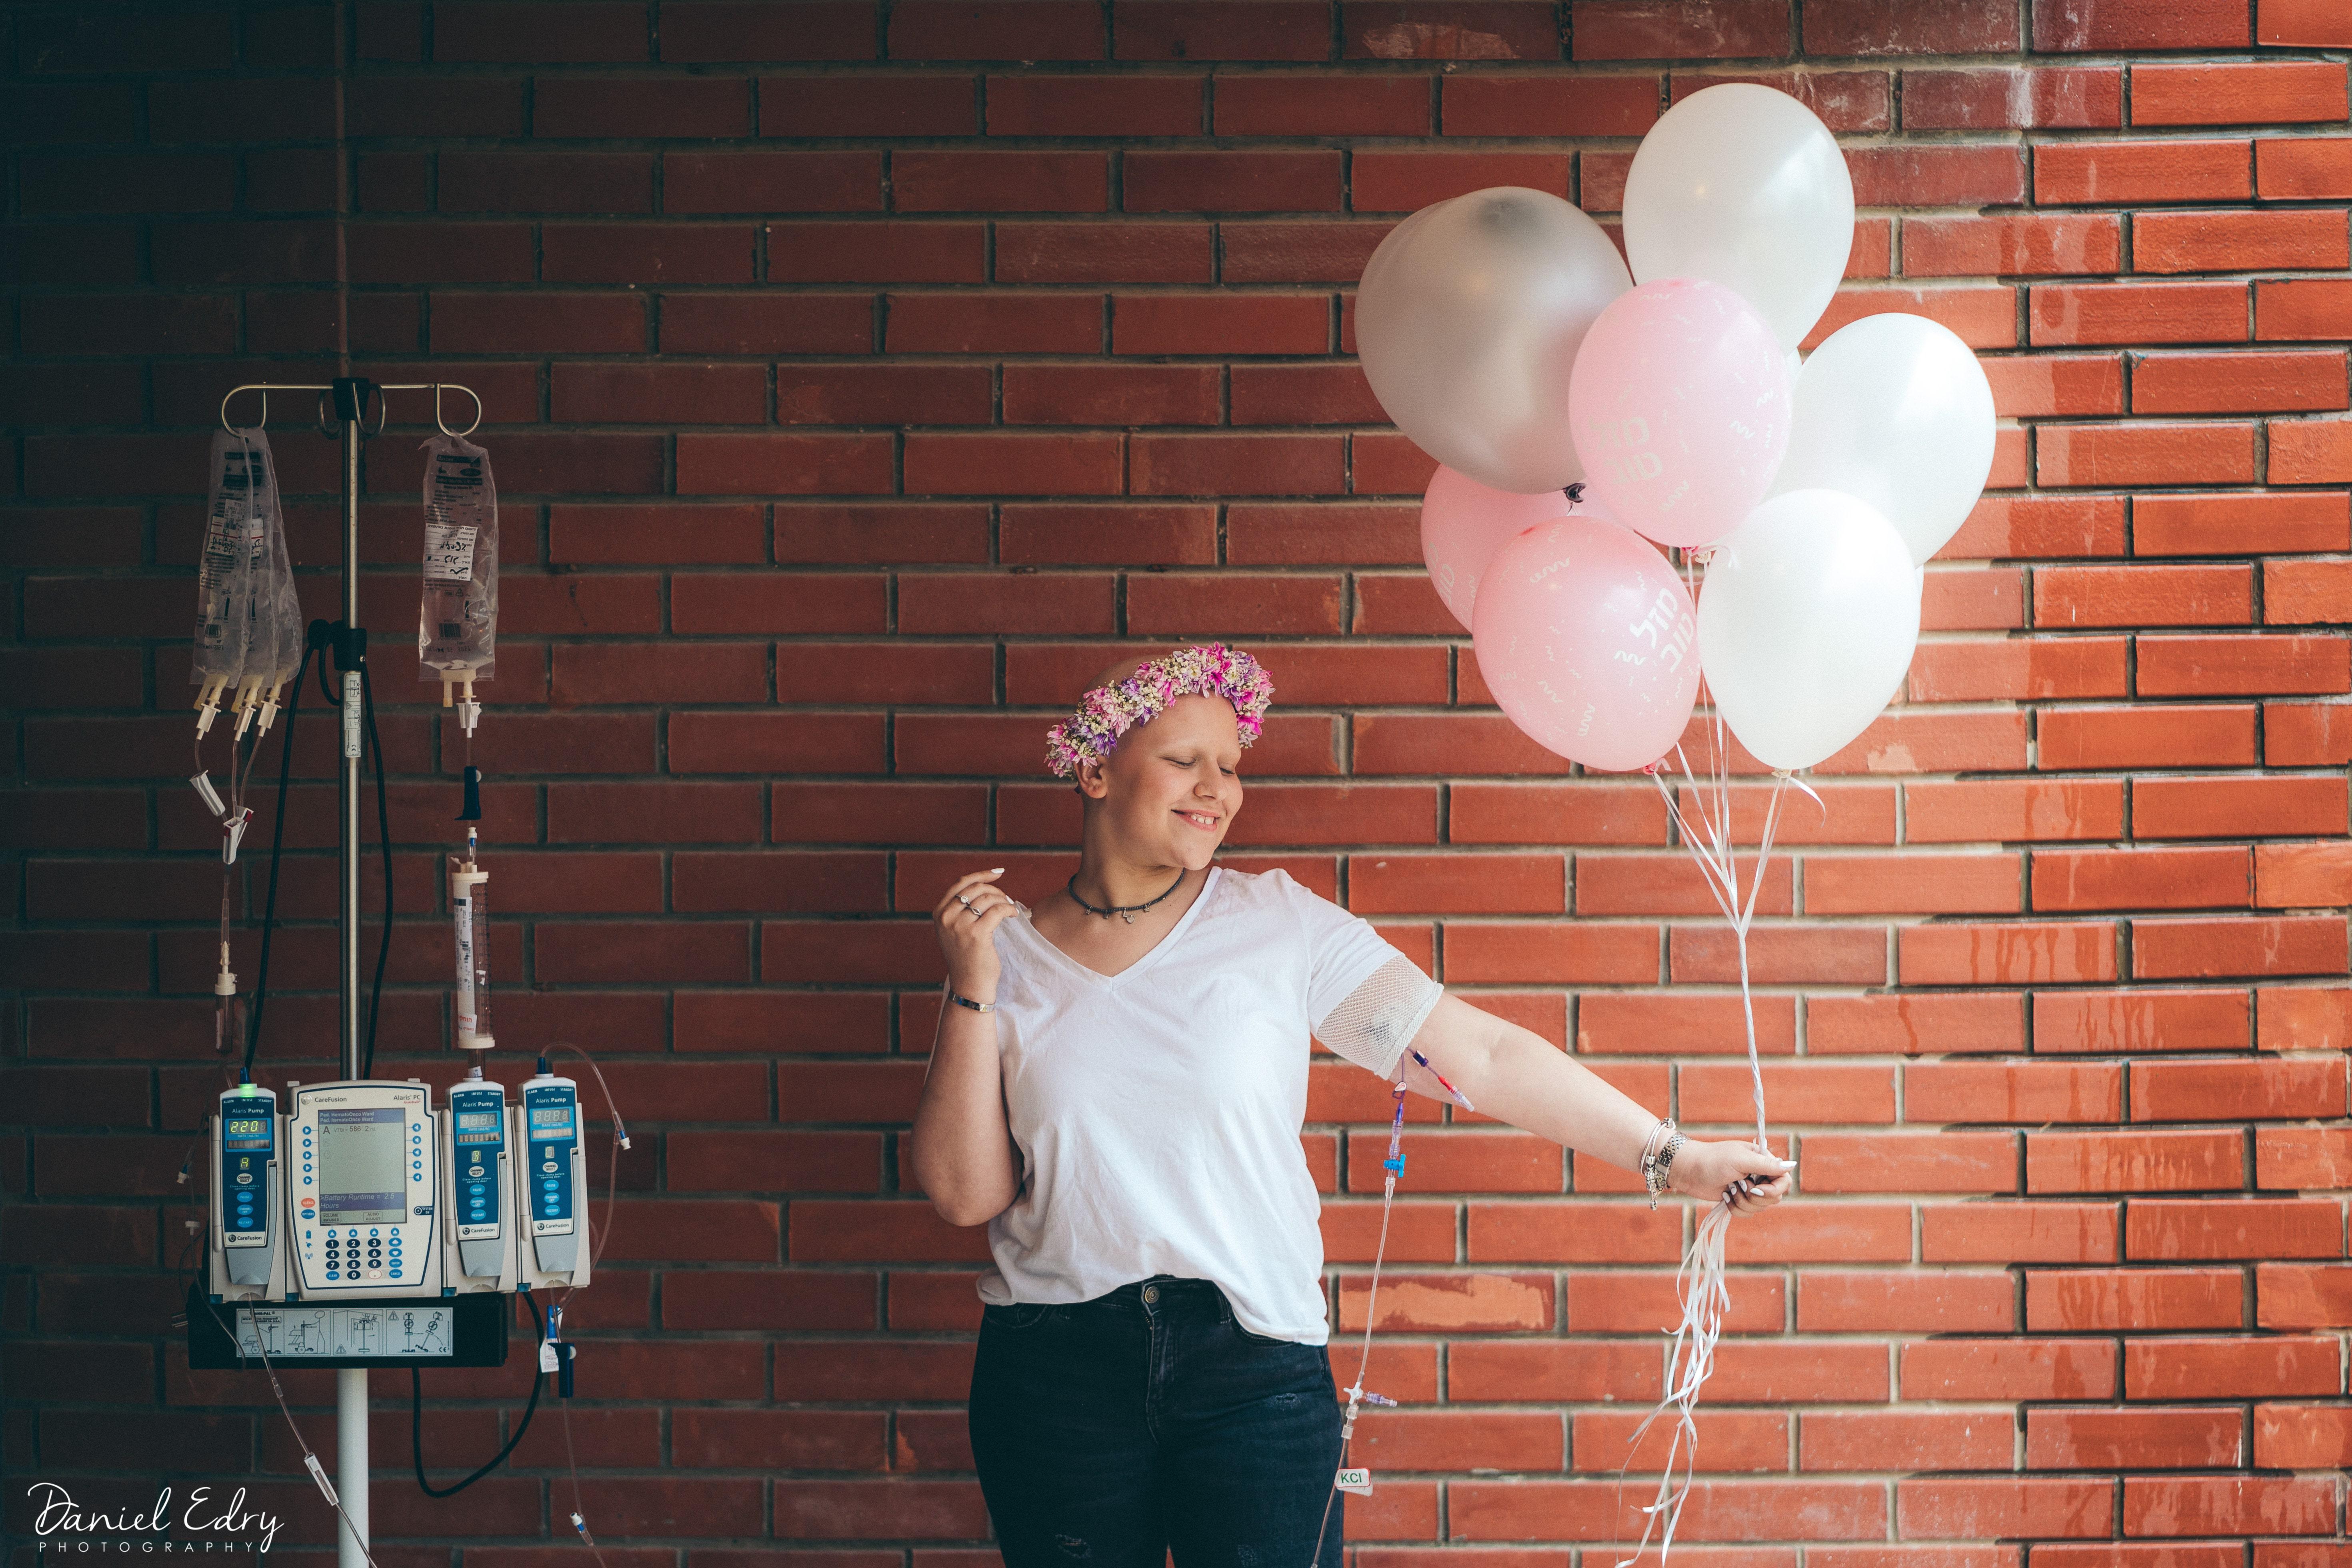 ארגון רחשי מסייע לילדים חולי סרטן ובני משפחותיהם